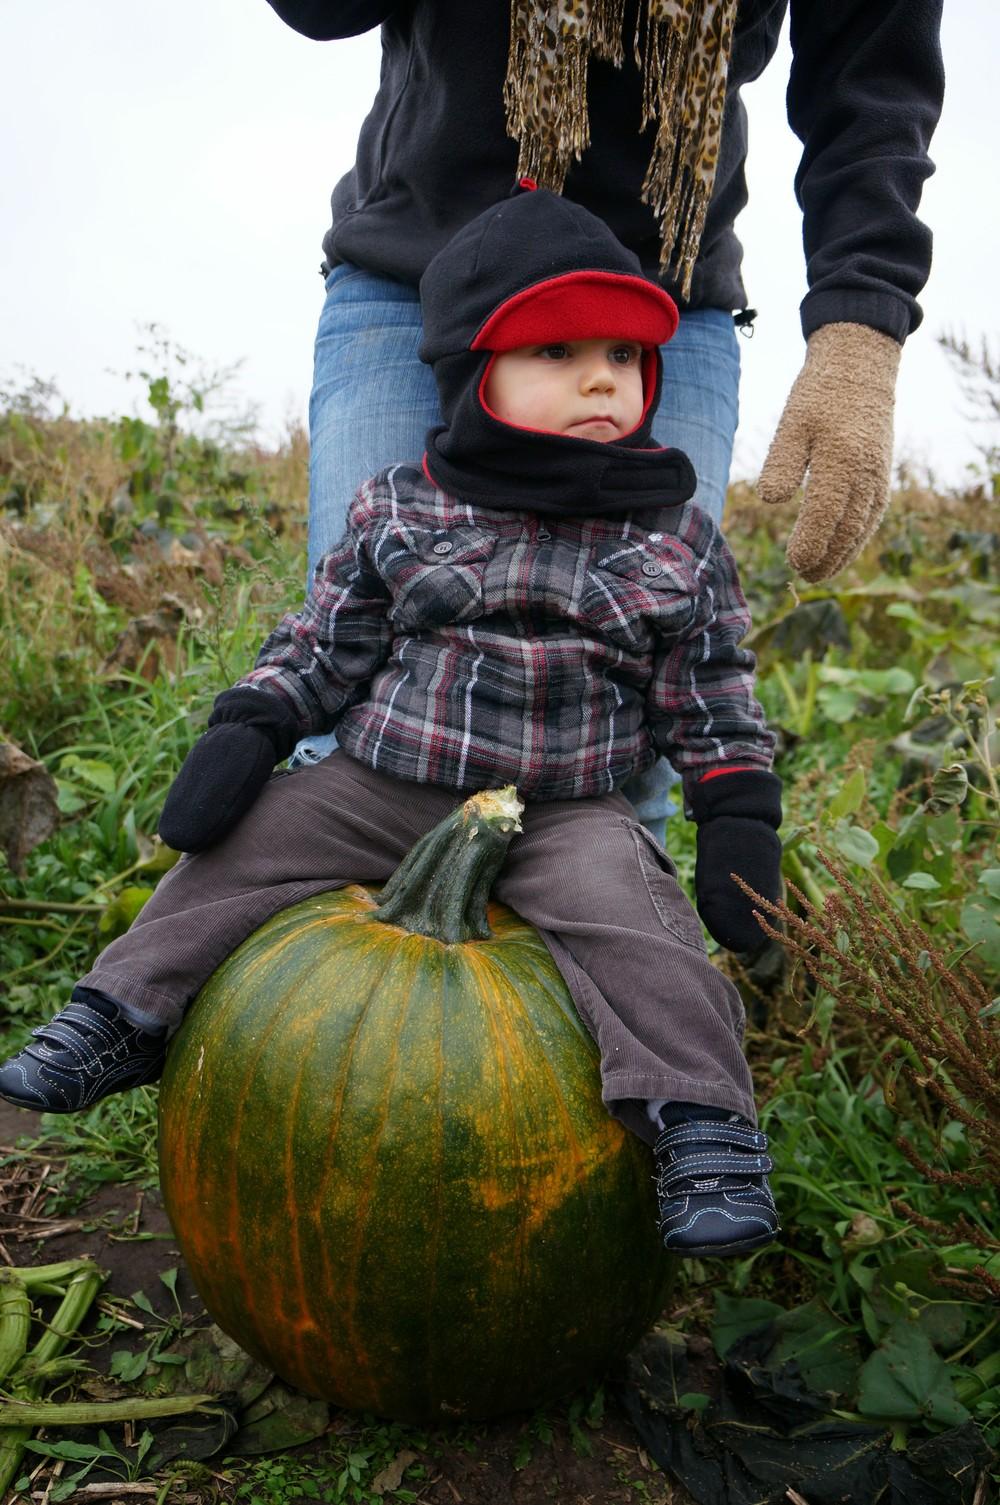 Ryker riding a pumpkin